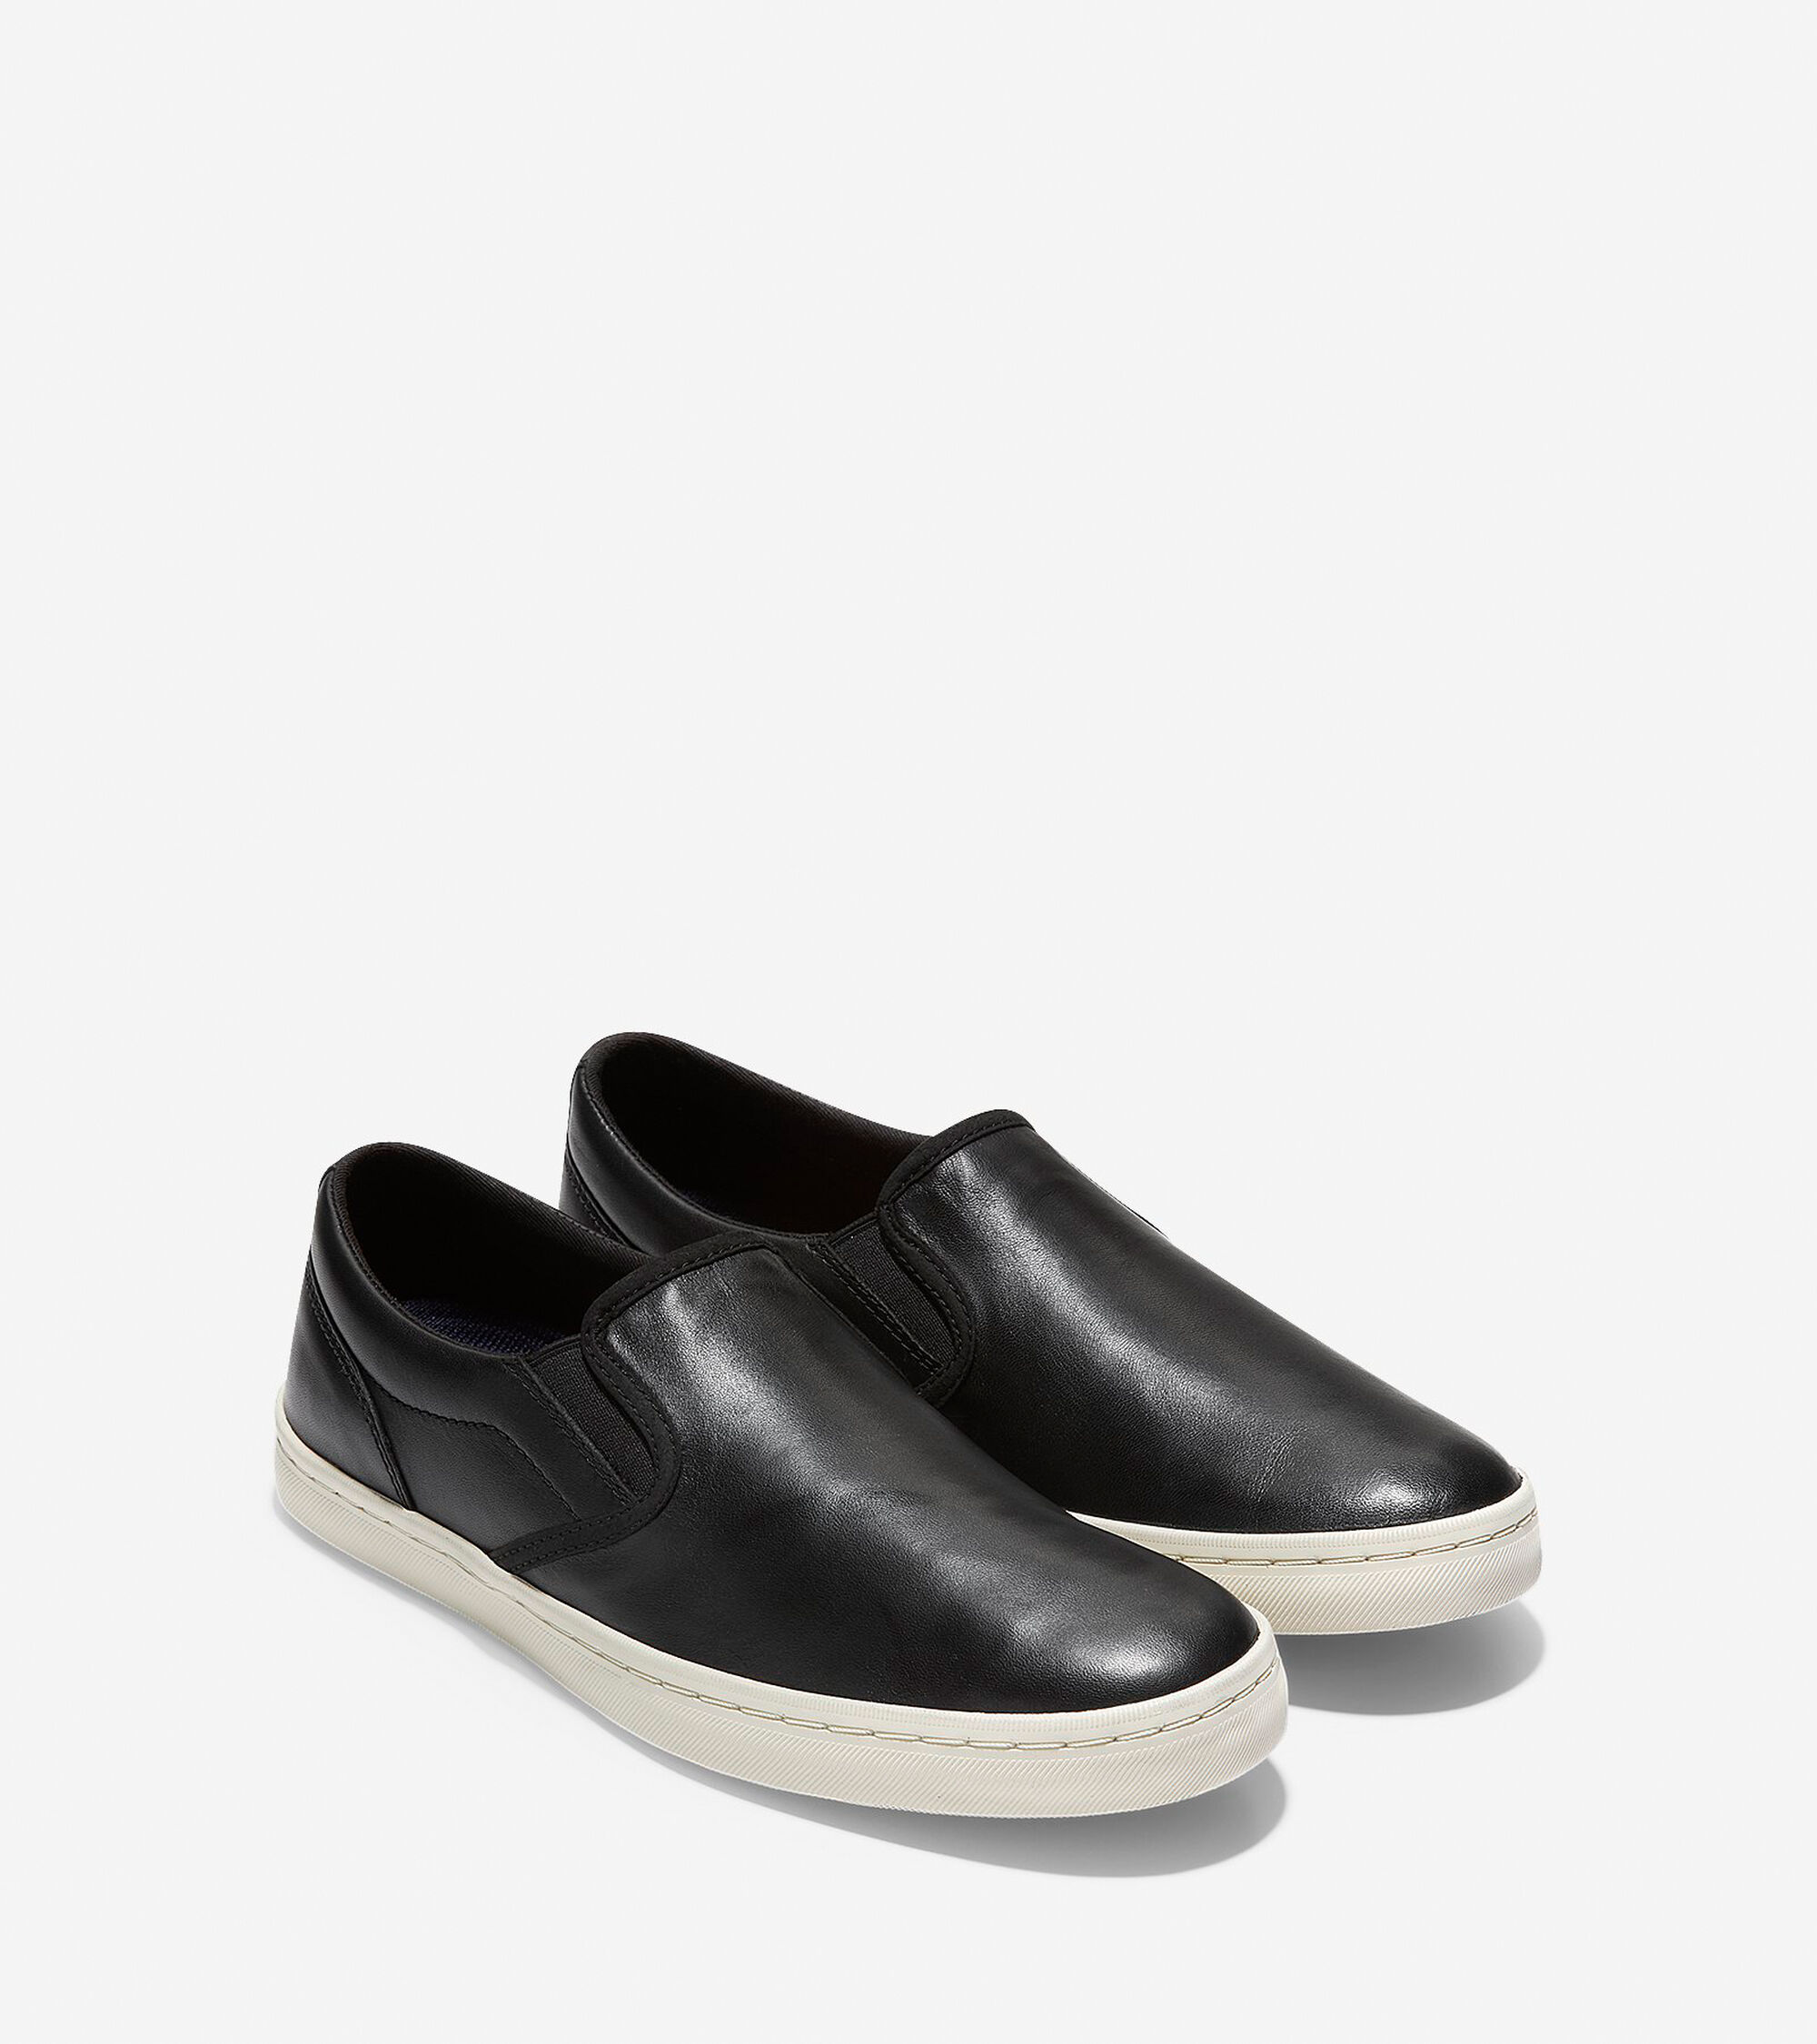 Men s Nantucket Deck Slip-On Sneakers in Black  45cf86e5b5a1